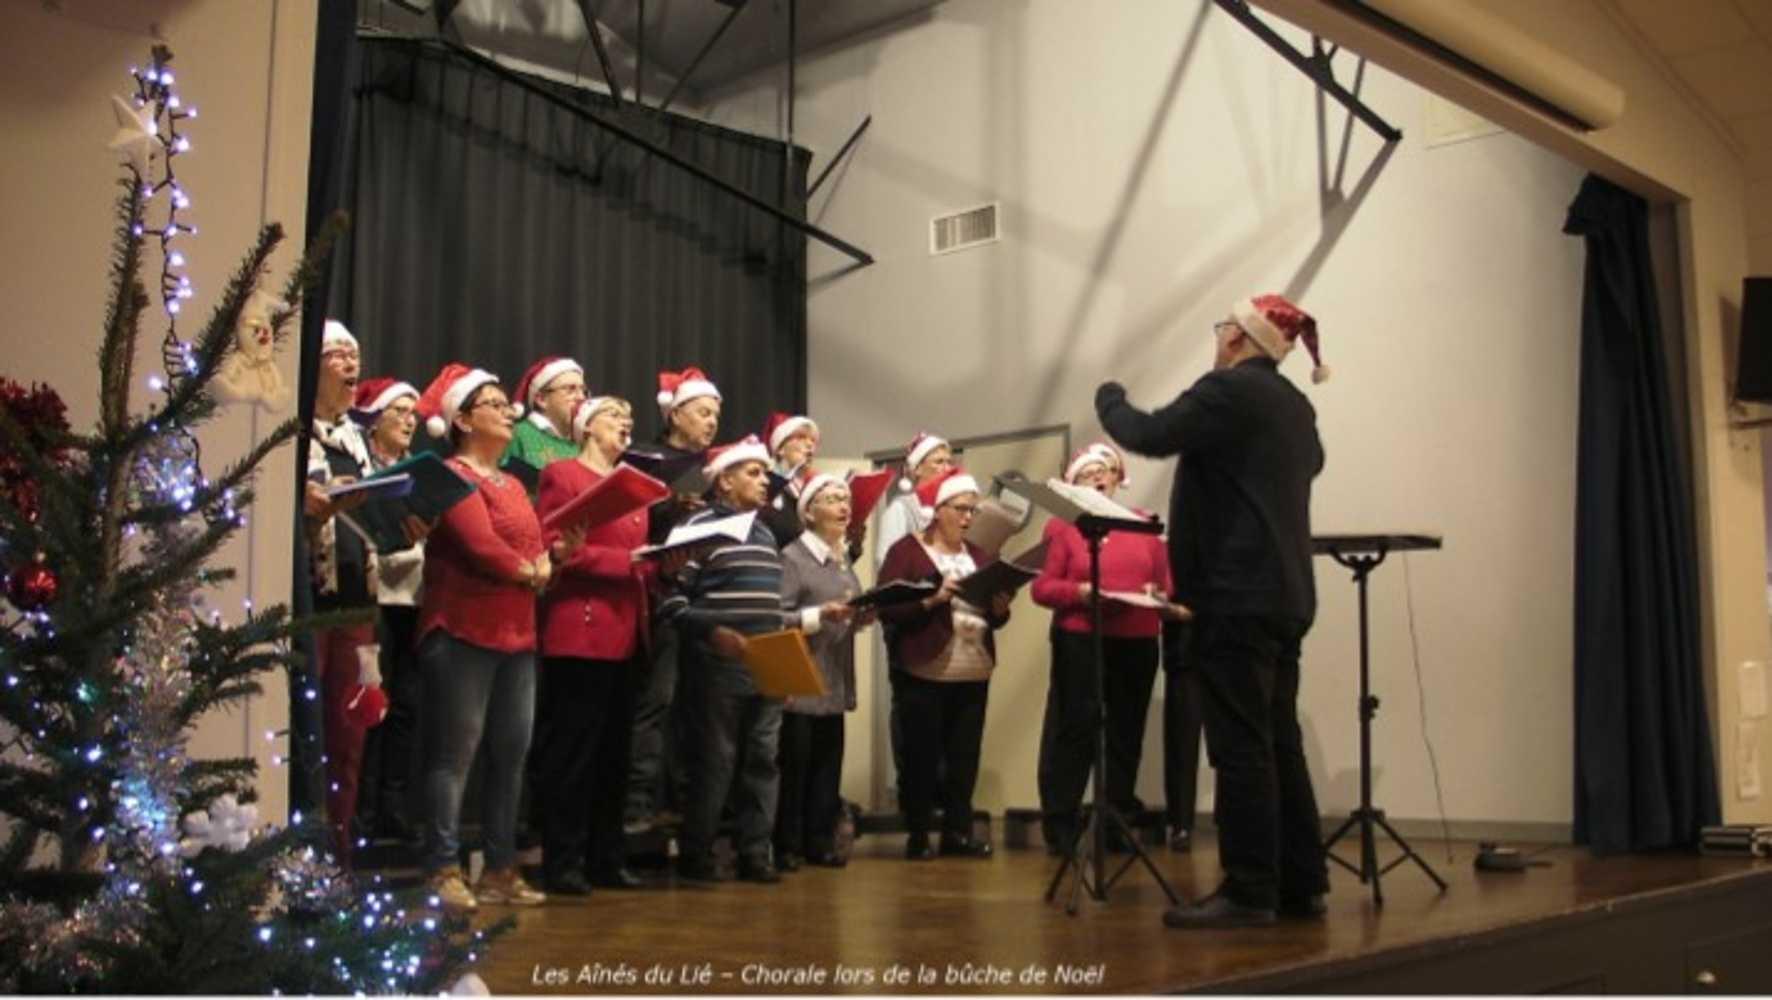 Photos de la chorale des Aînés du Lié à la bûche de Noël image1